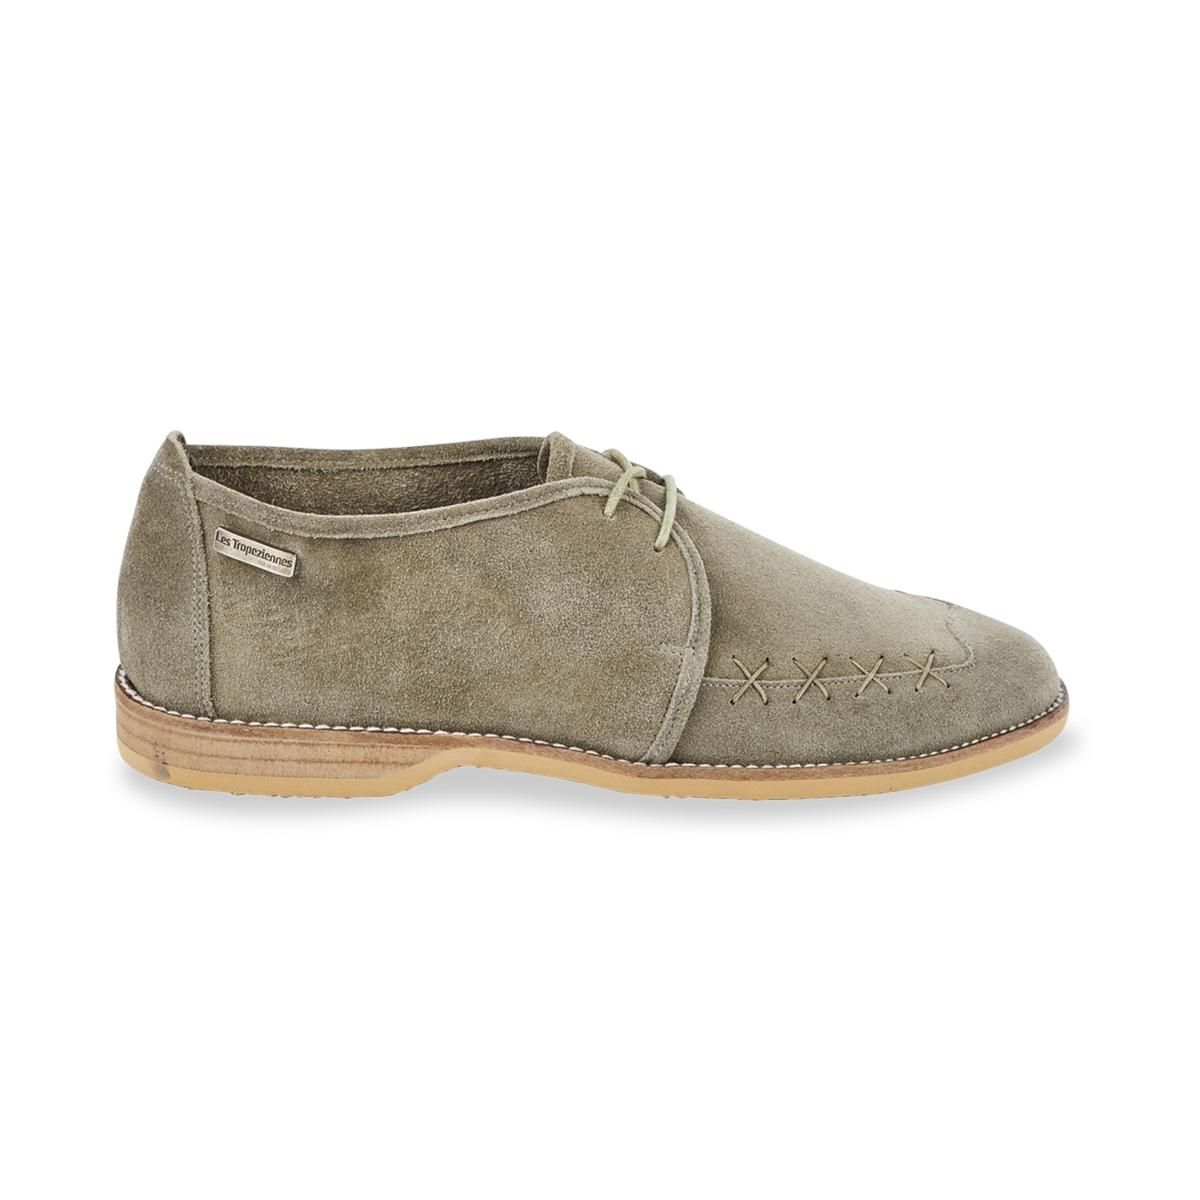 Ботинки-дерби из невыделанной кожи Origin от La Redoute